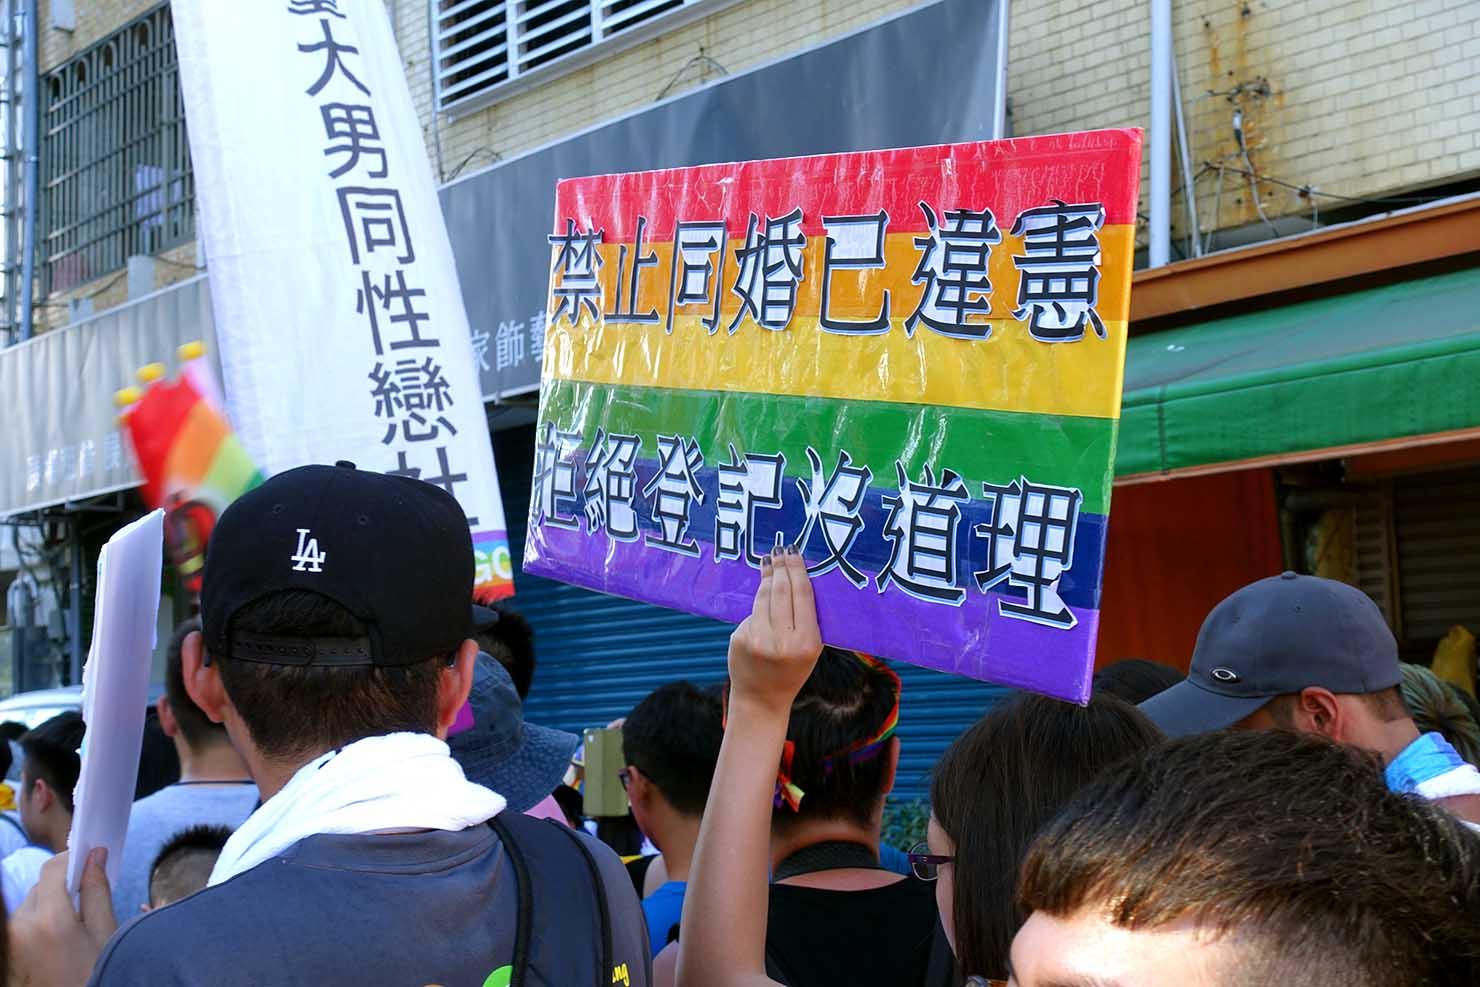 台湾東部のLGBTプライド「花東彩虹嘉年華」で掲げられる同性パートナーシップ制度実現を求めるプラカード